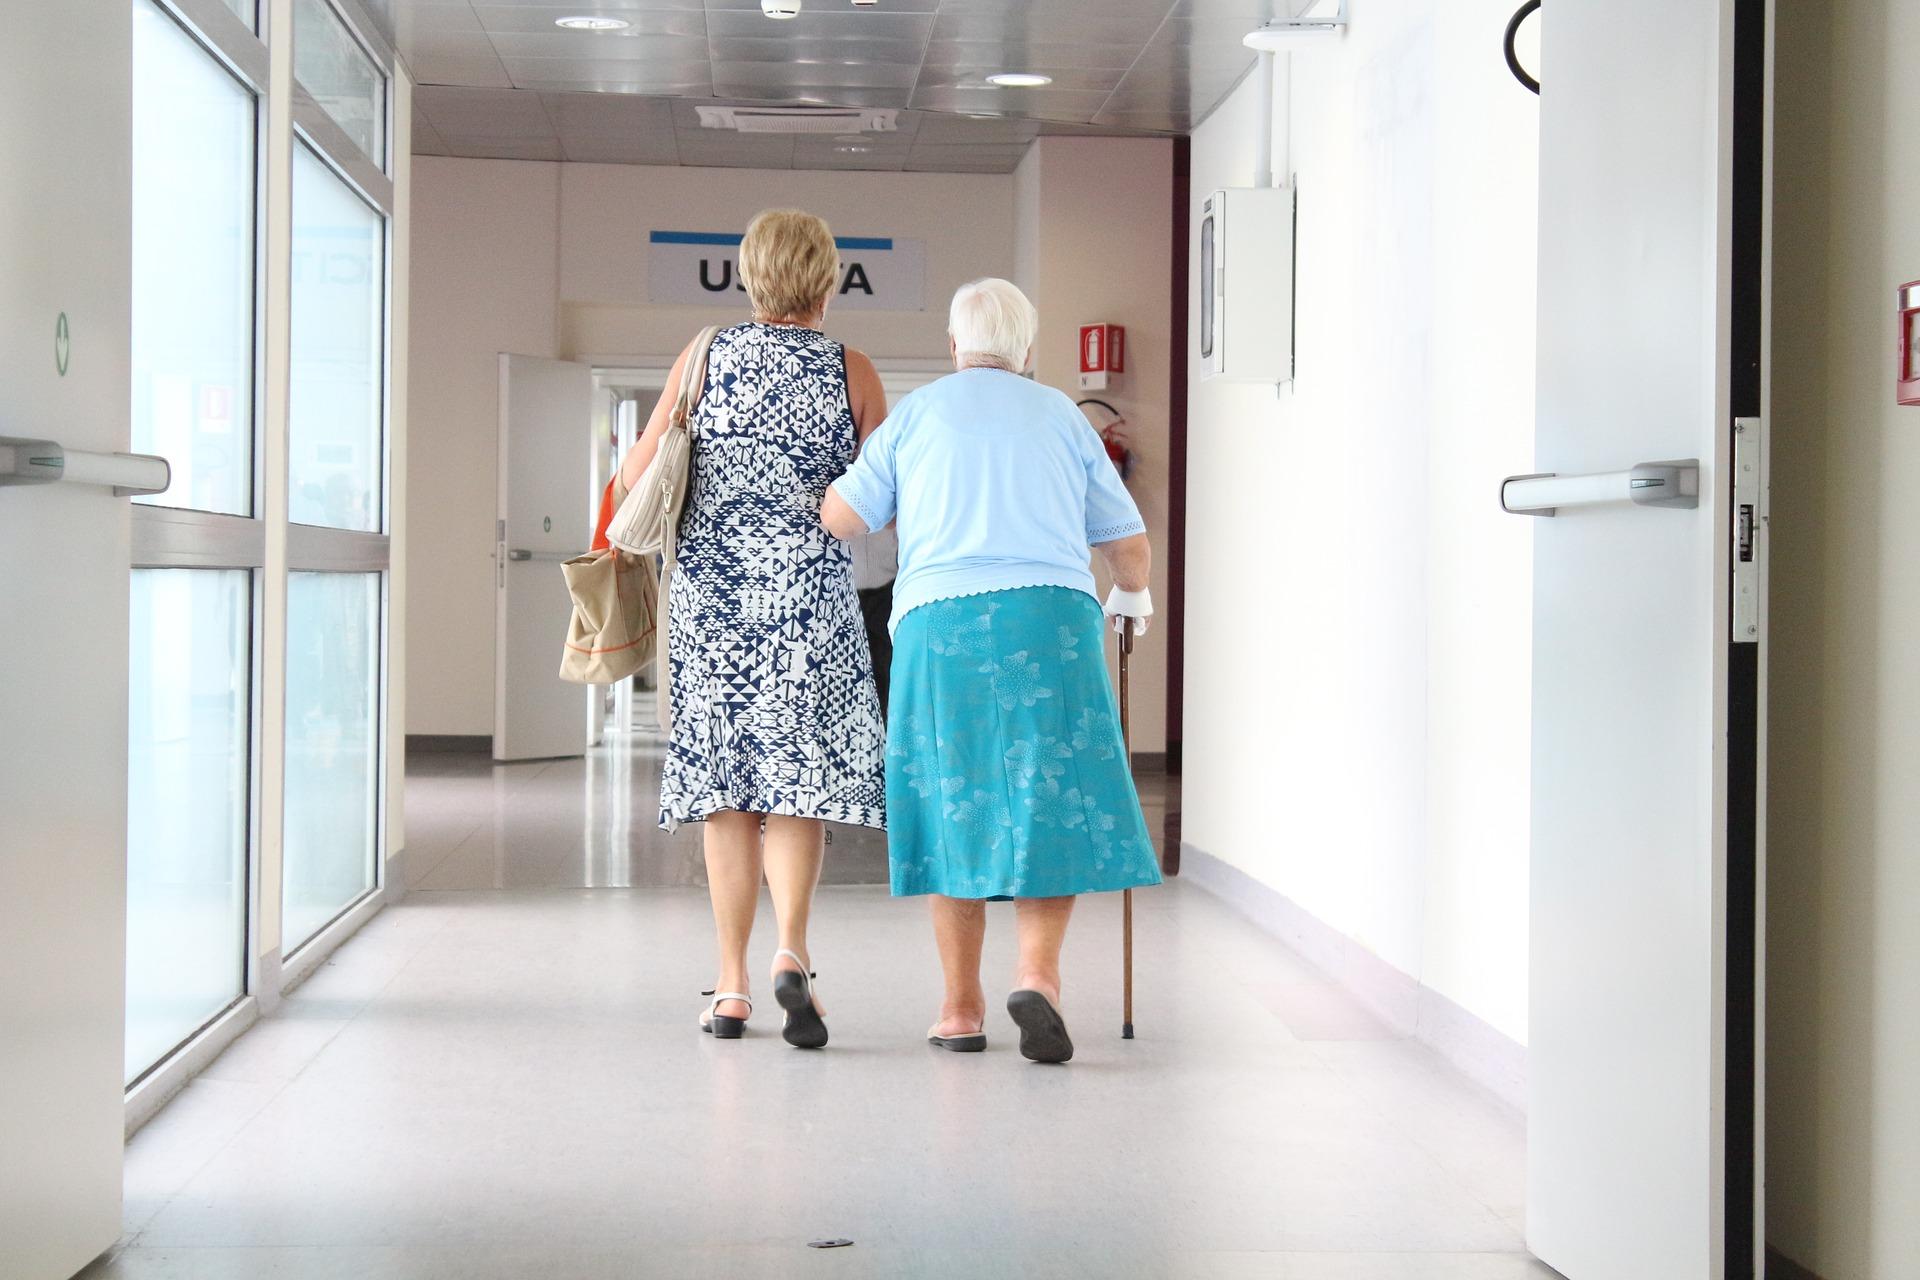 Sortie d'hospitalisation : la solution des Amis d'Hubert.